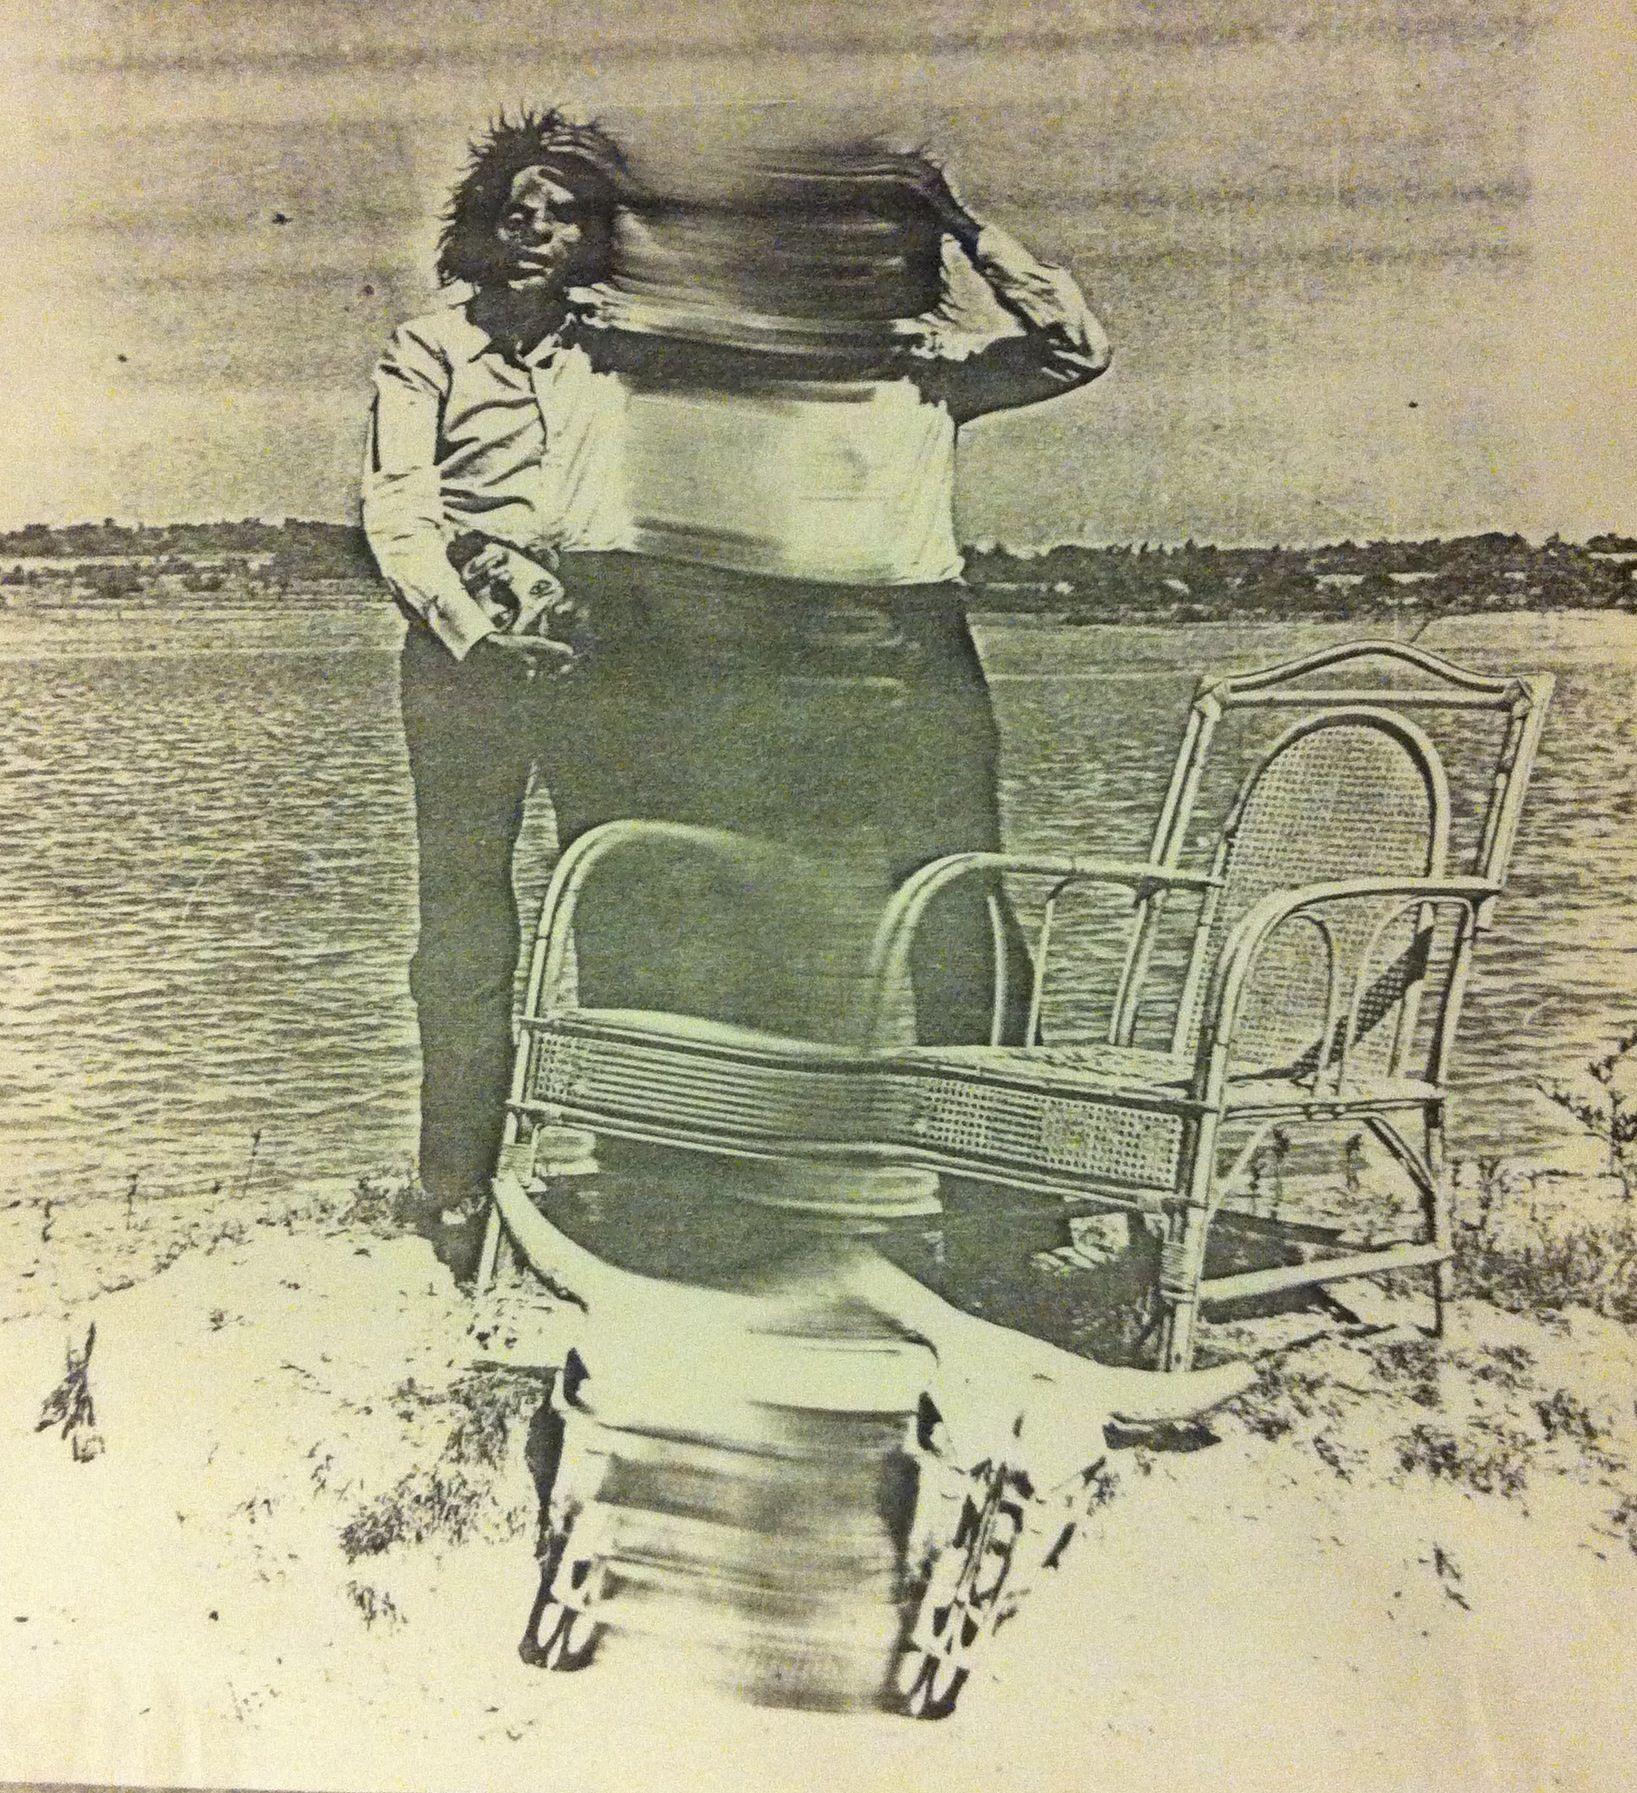 El artista venezolano Juan Loyola. (de la serie de fotocopias que realiza a finales de la década del setenta y principio de los años ochenta)